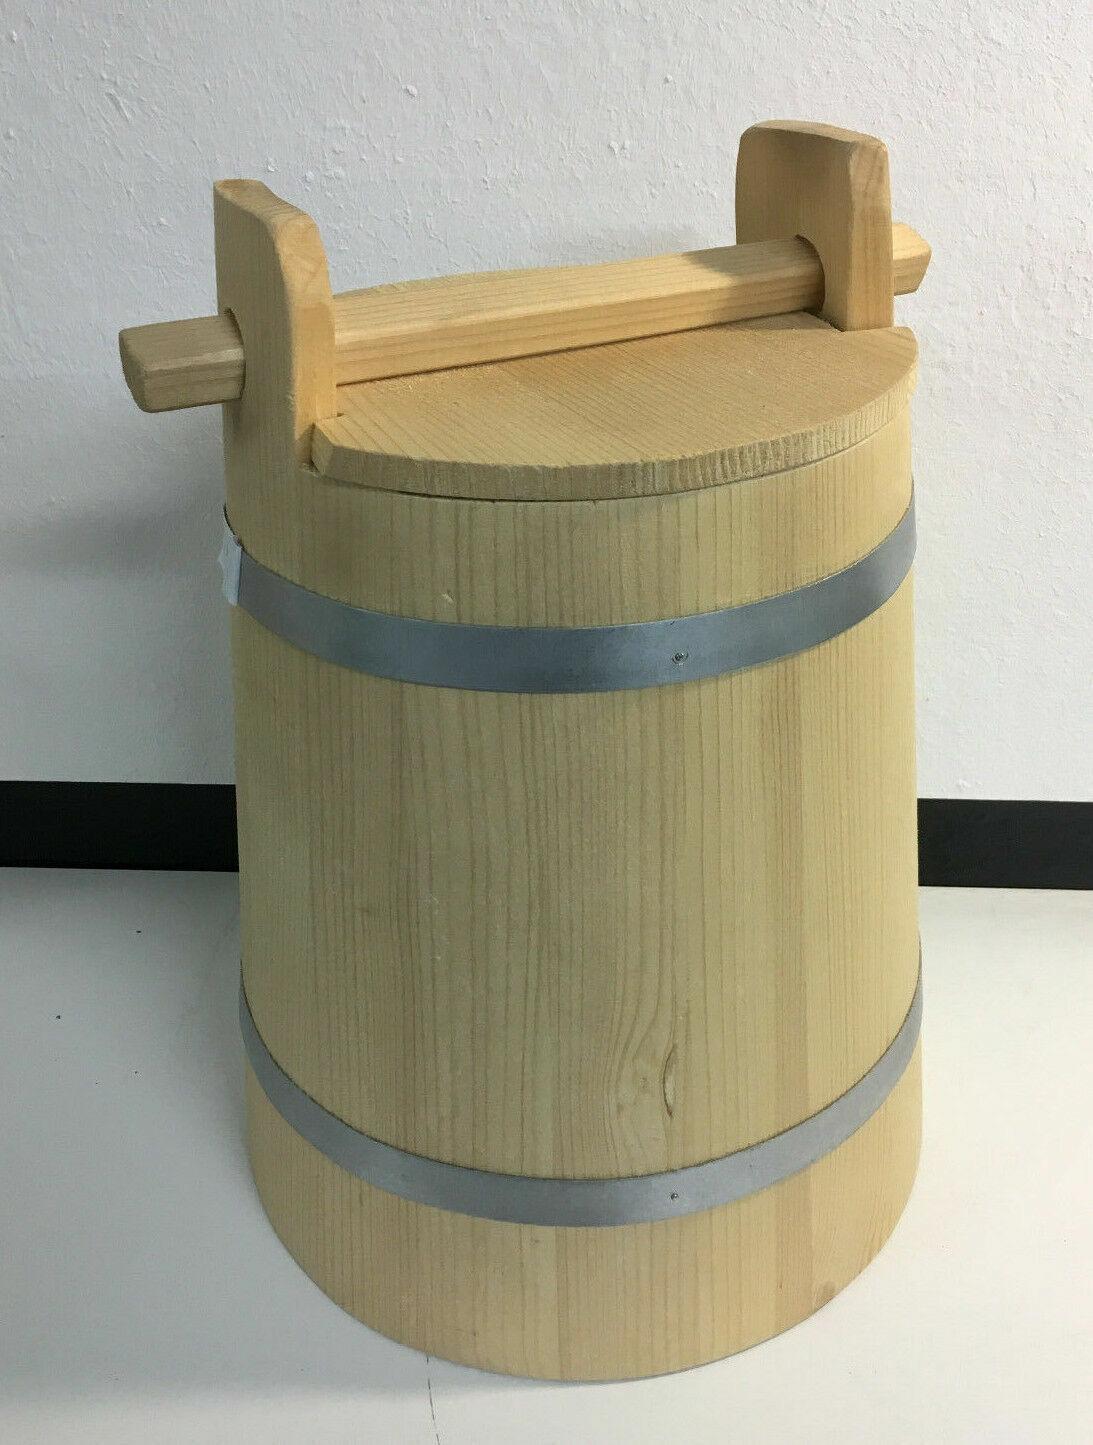 En bois bac seau de fermentation Food préserver Seau 10 L 2.6 Gal (environ 9.84 L)